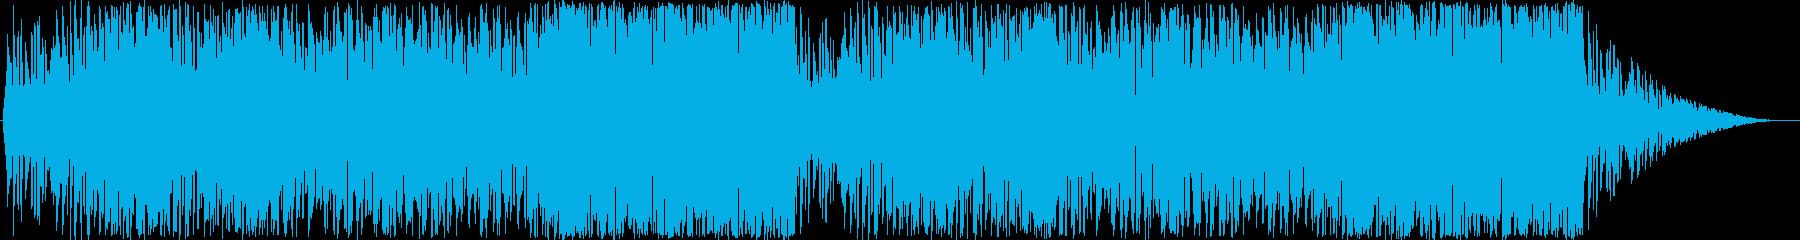 スマホゲームやイベント用のポップなBGMの再生済みの波形